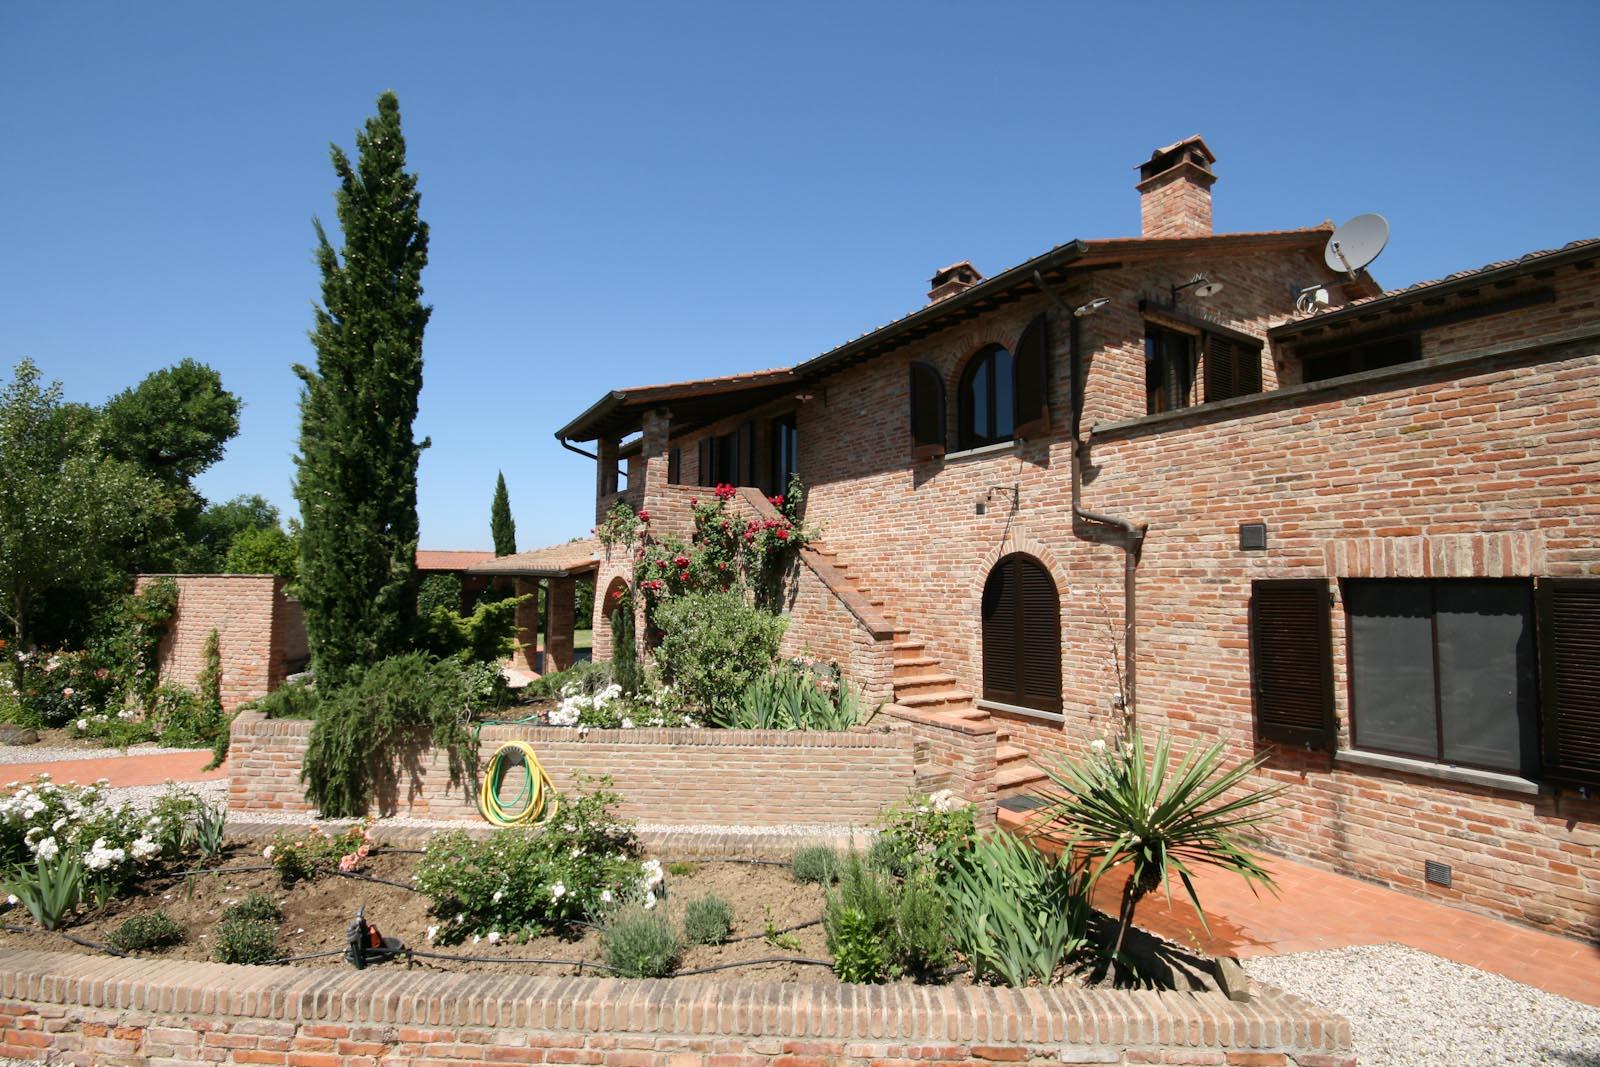 Residenza di campagna in vendita in Italia, Umbria, Perugia, Castiglione del ...